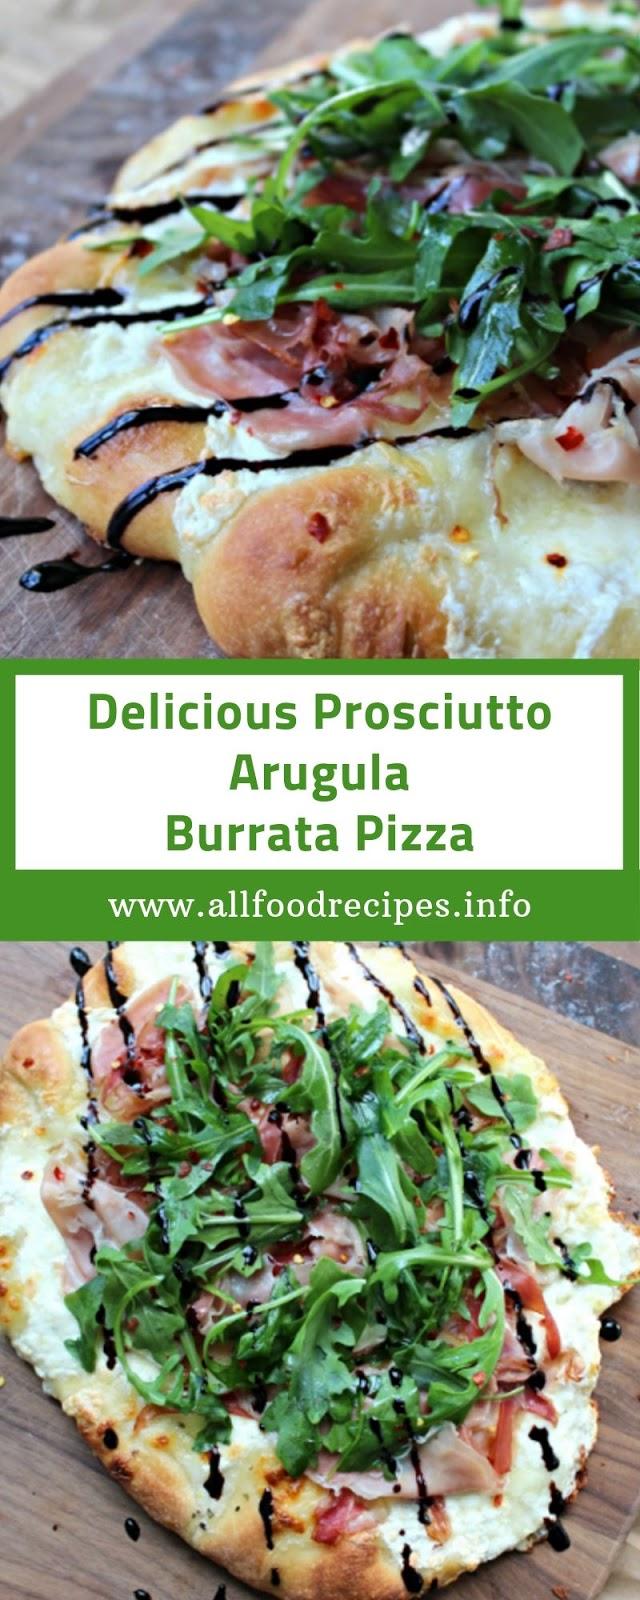 Delicious Prosciutto Arugula Burrata Pizza